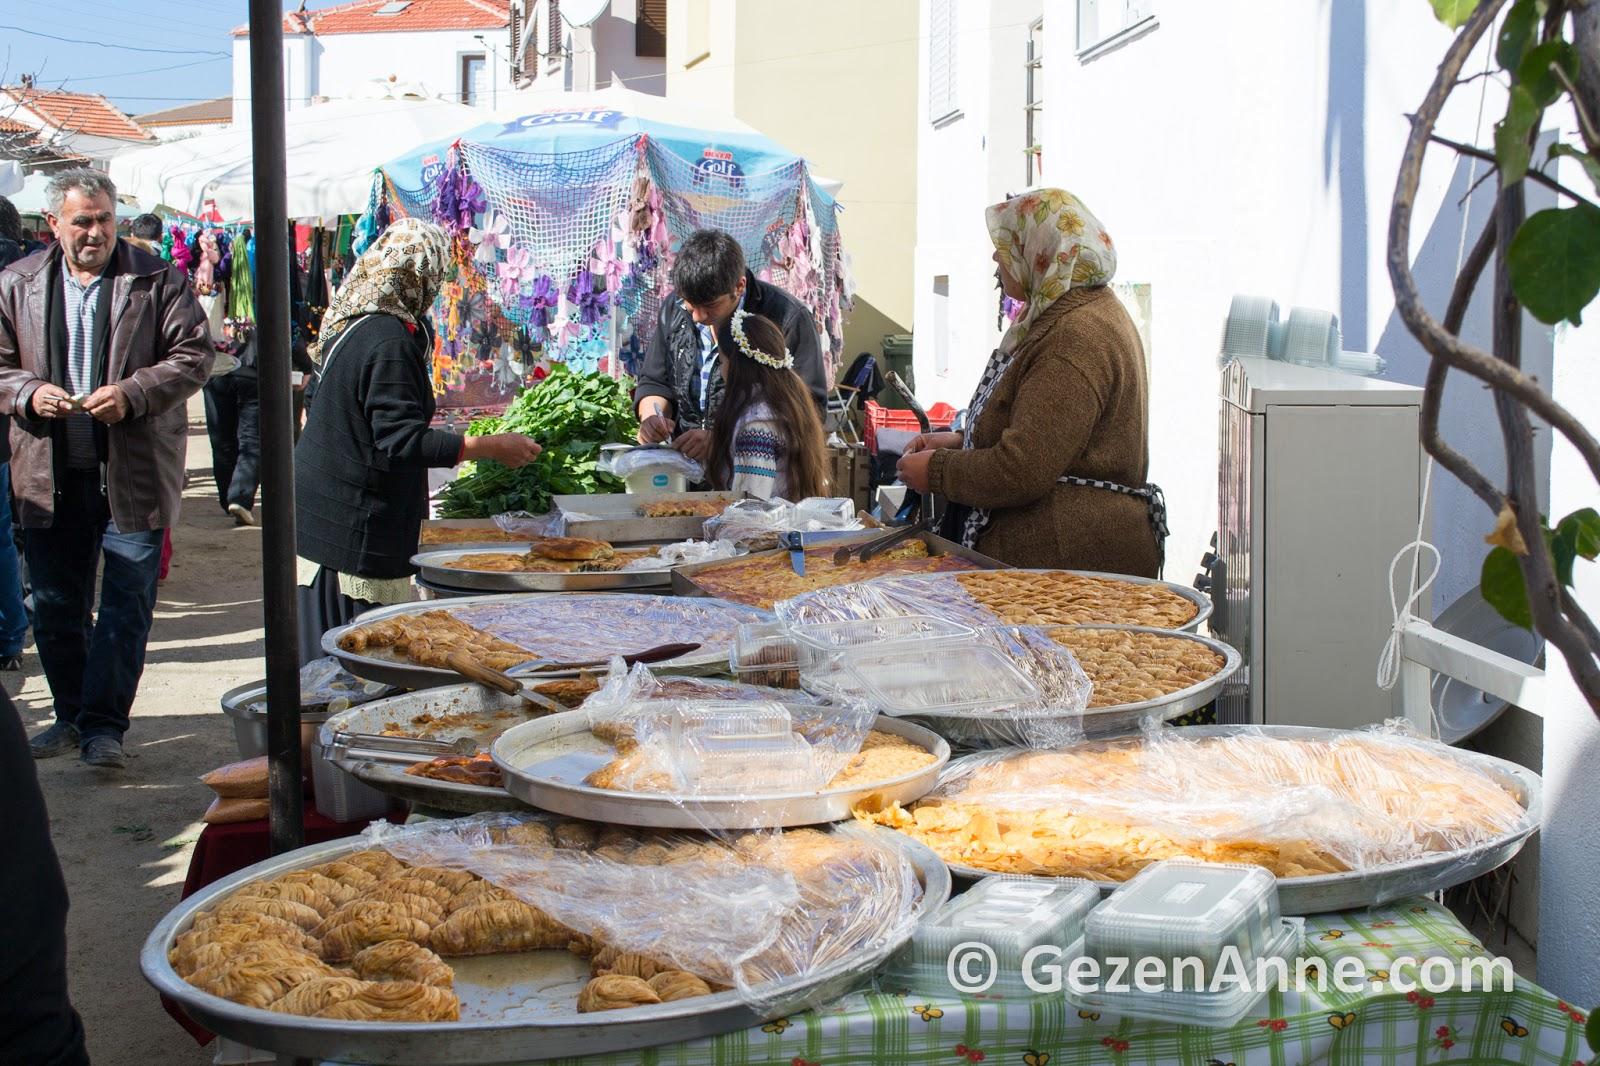 Sığacık kalesi içindeki pazar, Seferihisar